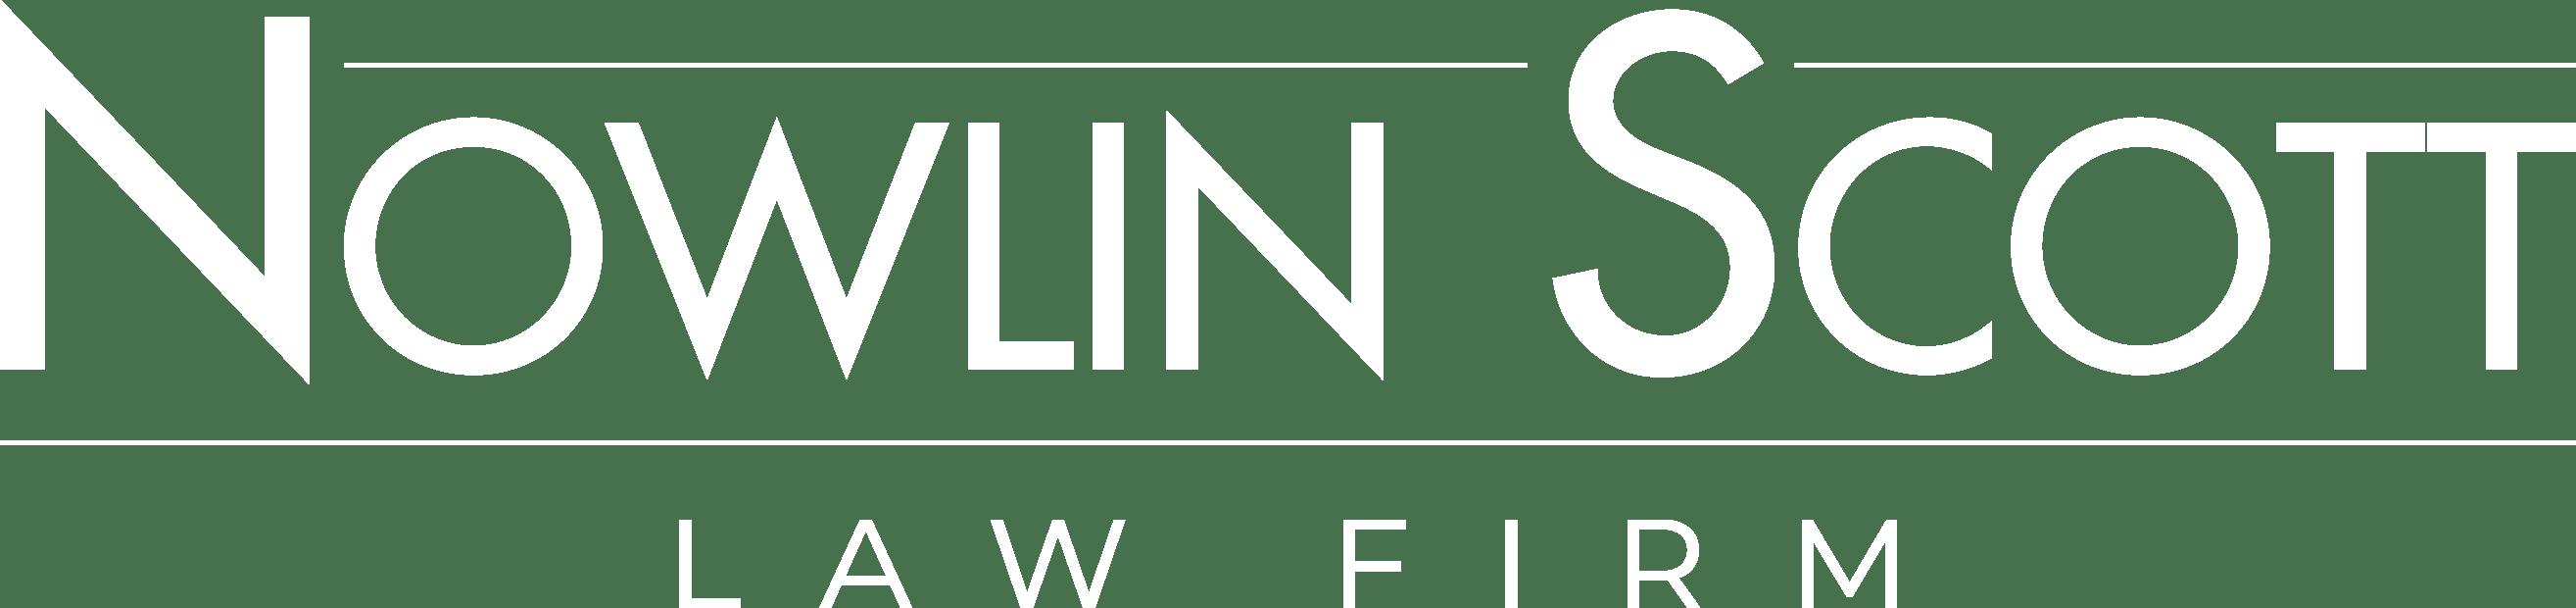 Nowlin Scott Law Firm